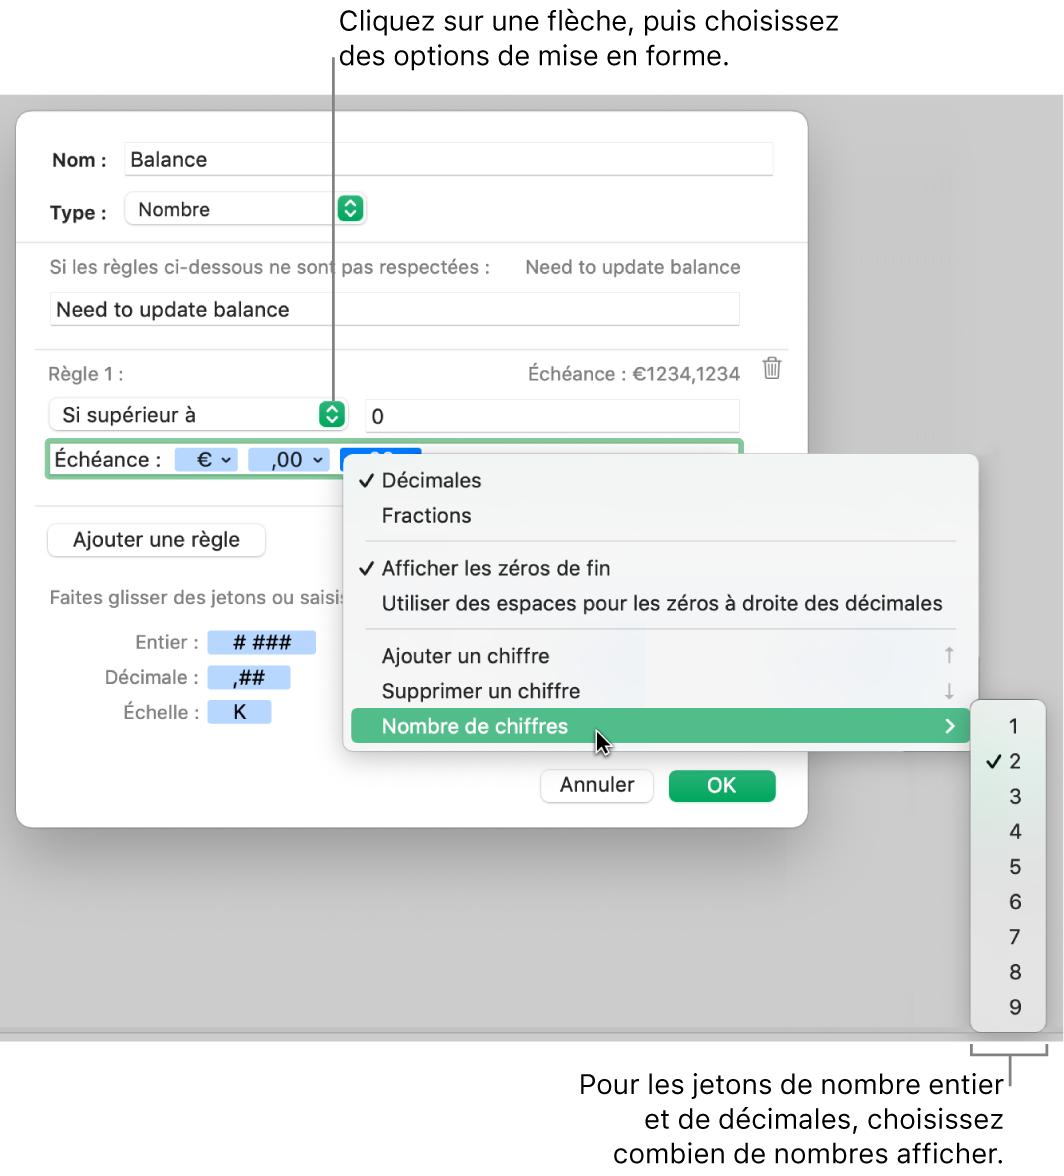 La fenêtre de format de cellule personnalisé présentant les commandes permettant de choisir des options de mise en forme personnalisée.